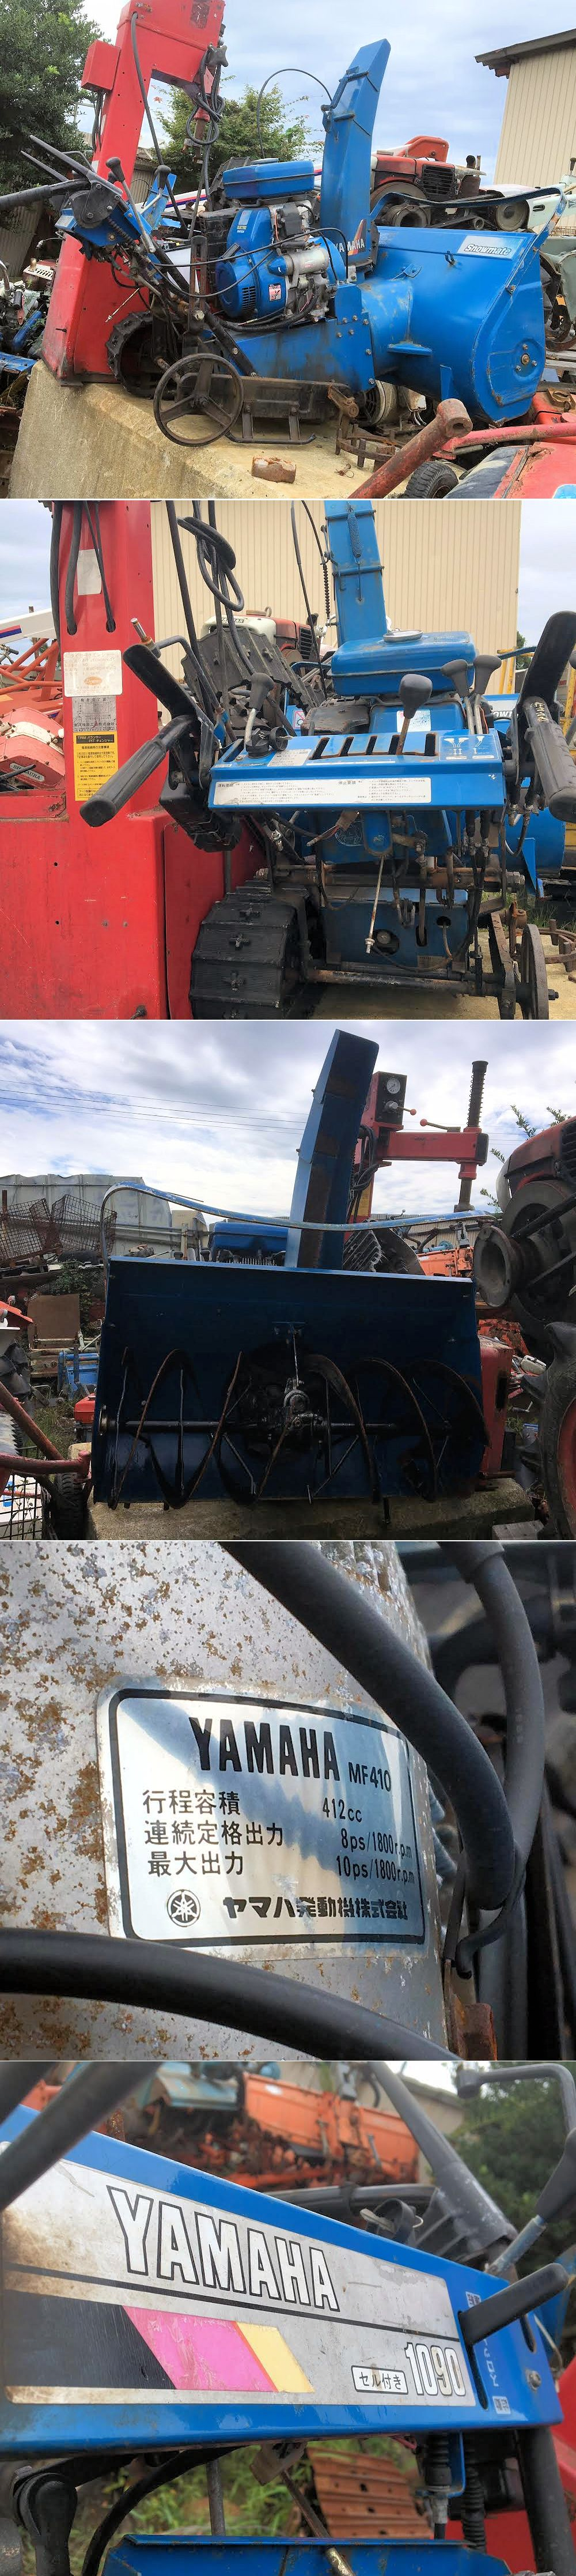 ヤマハ 除雪機 セル付 1090 スノーメイト 10馬力部品取り 中古